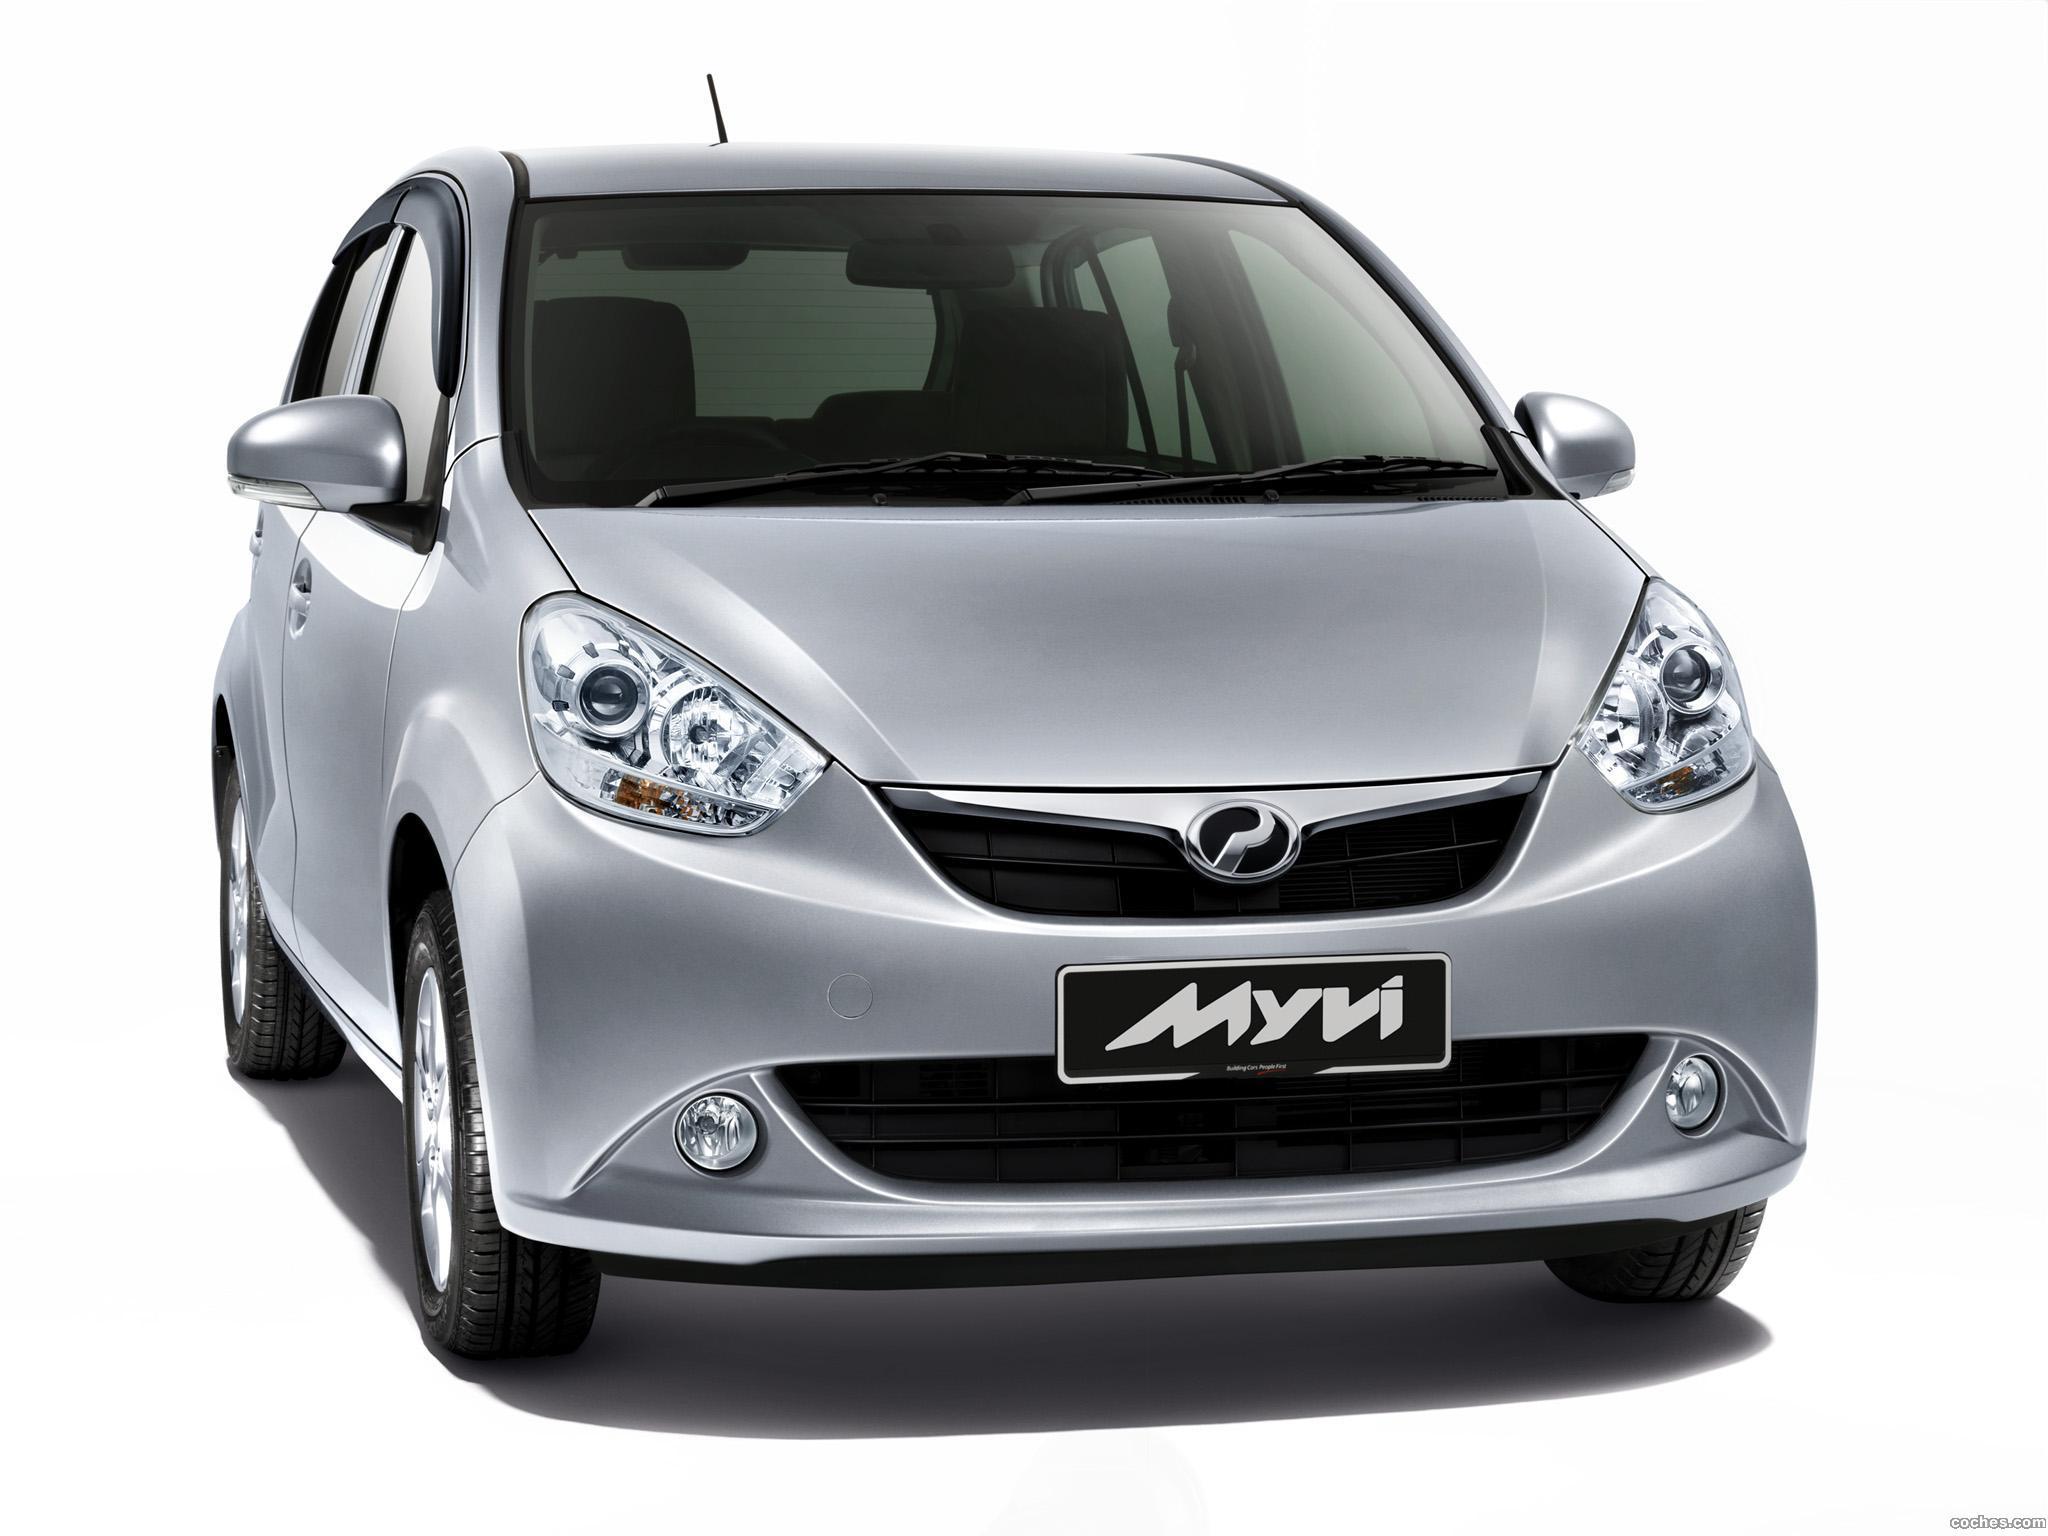 Foto 1 de Perodua MyVi 2011